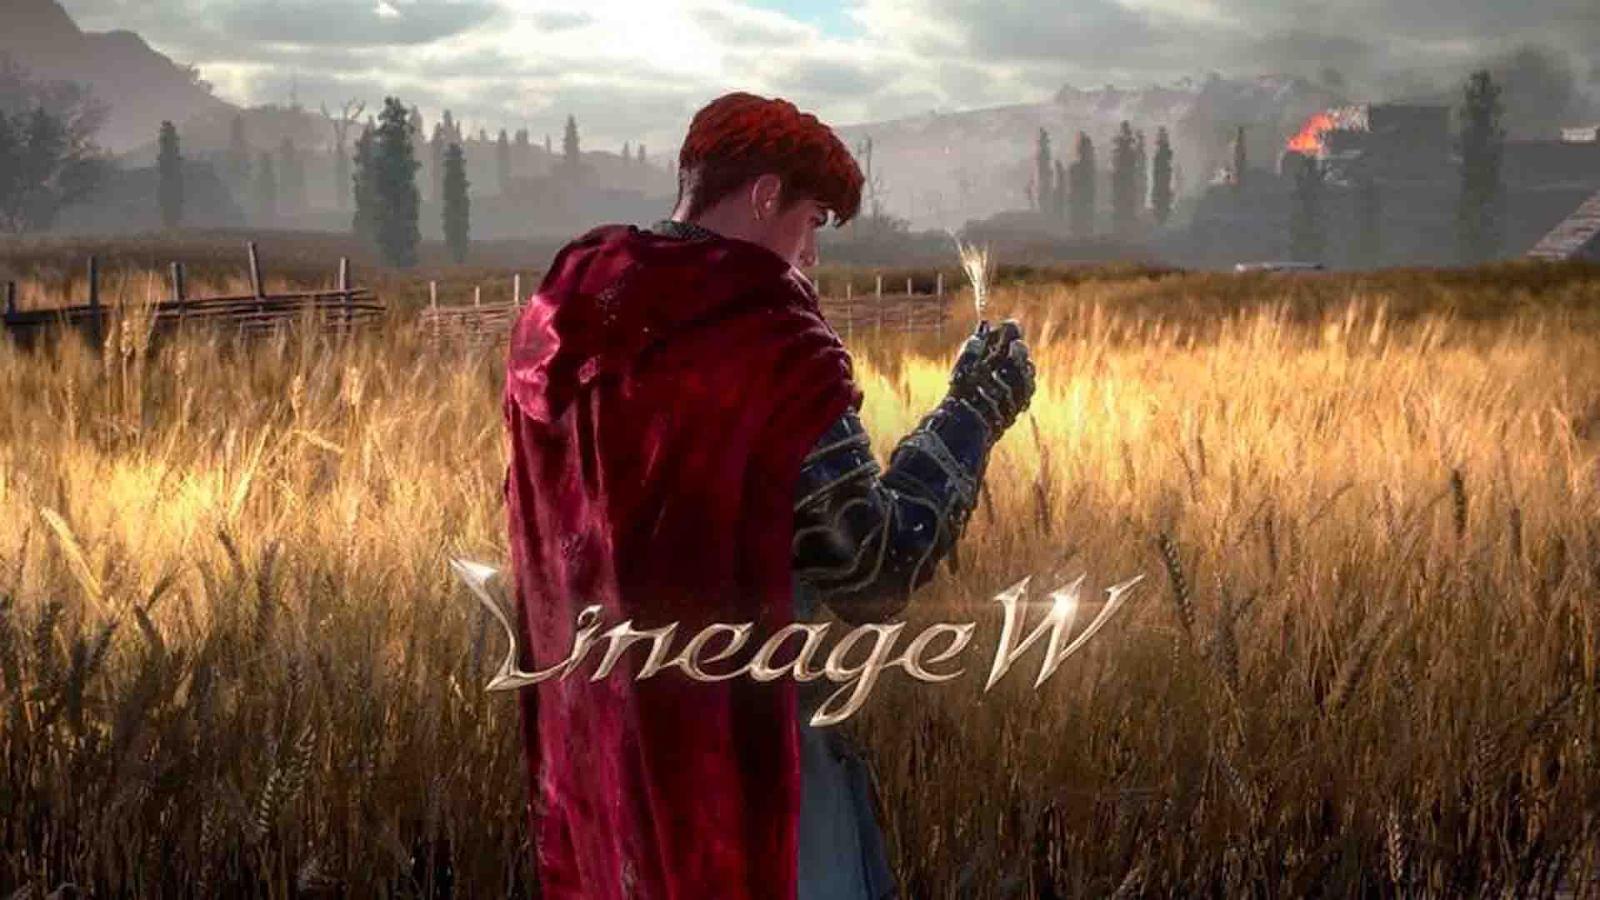 Siêu phẩm game mobile nhập vai Lineage W chính thức mở đăng ký chơi trước cho phiên bản toàn cầu 1234